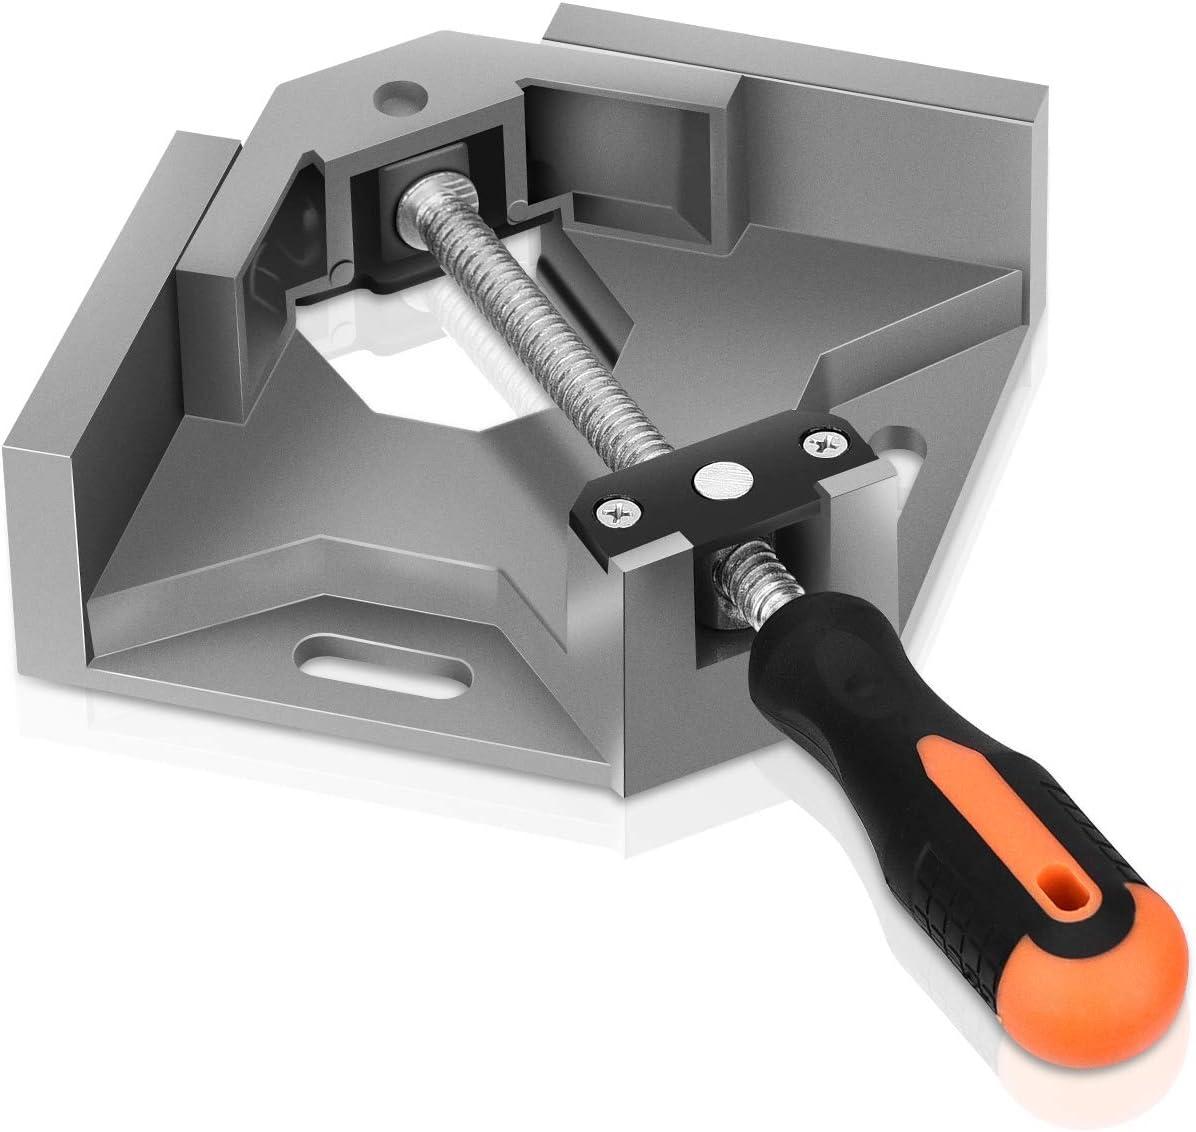 Arancia Morsetti angolari in Lega di Alluminio attrezzo da Carpentiere a 90 Gradi con Impugnatura a T Vipxyc Morsetto angolare ad Angolo retto